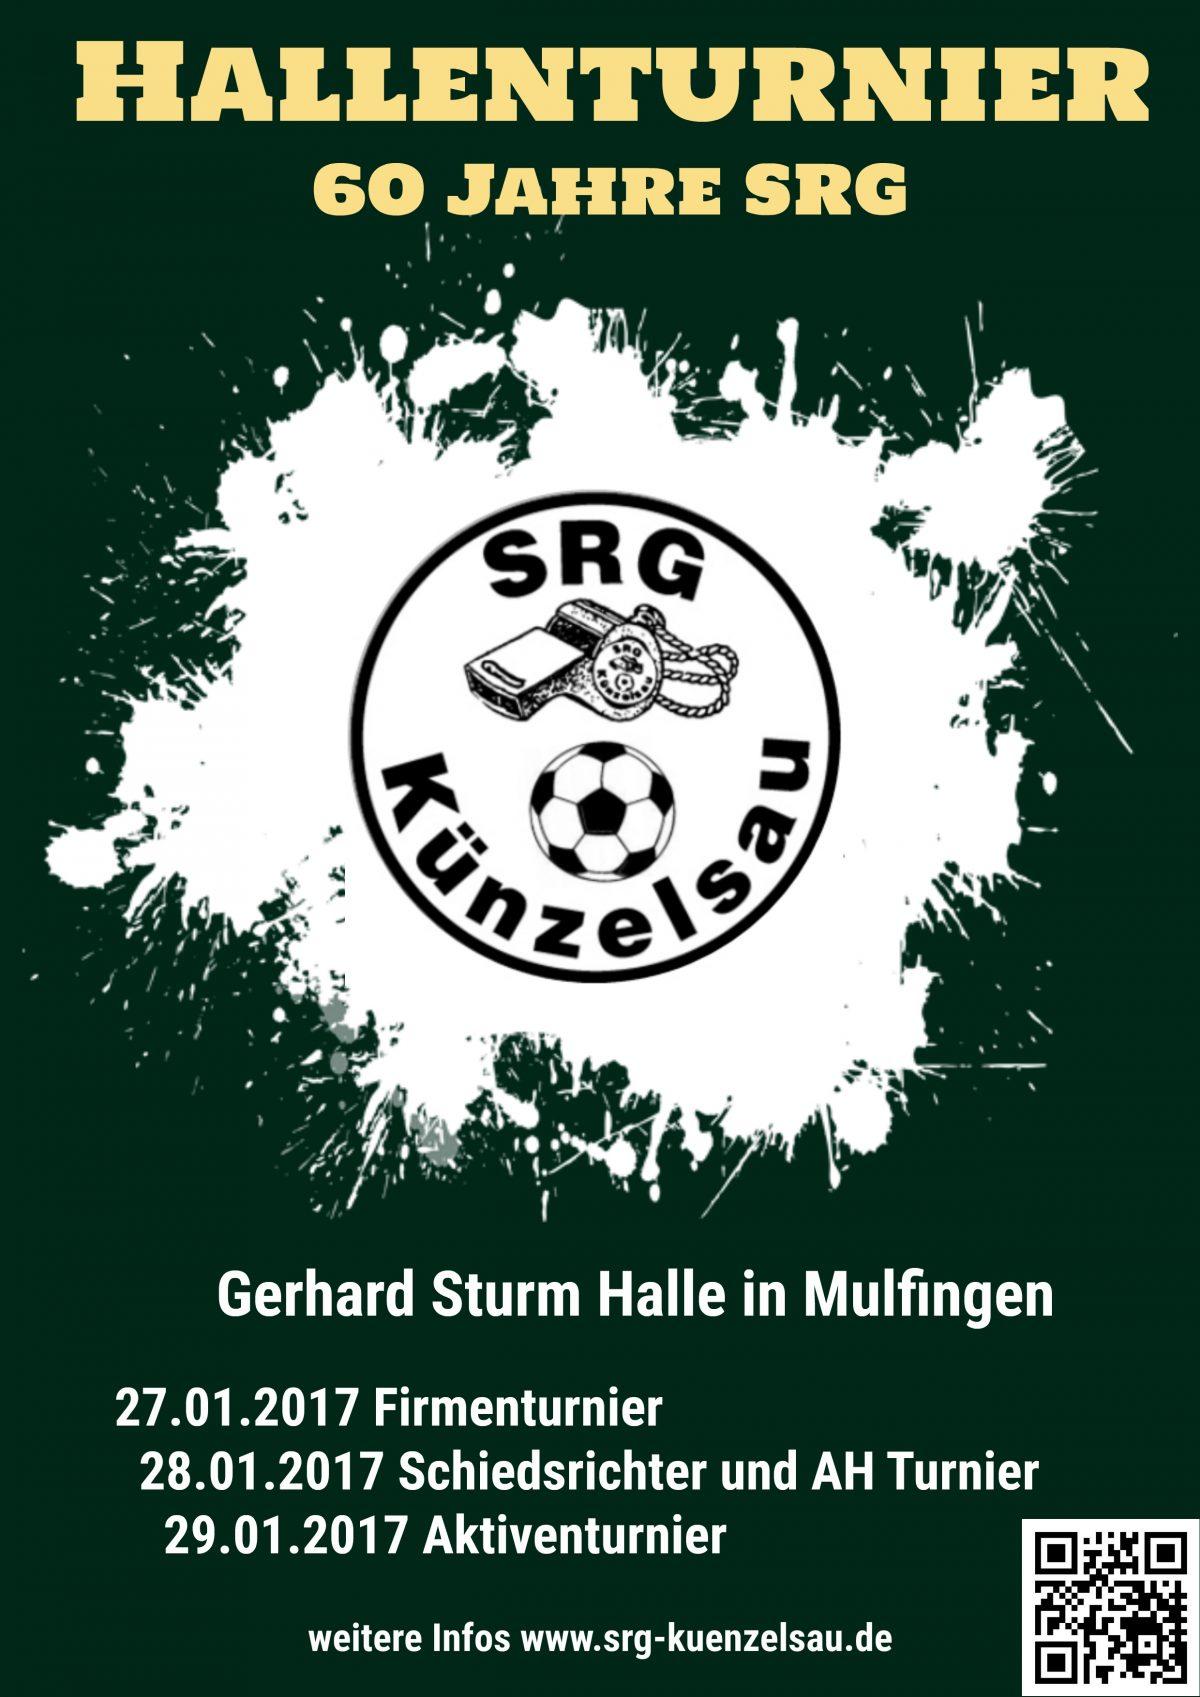 Schiedsrichterturnier am 29. Januar in Mulfingen: VfR II und VfR III mit dabei